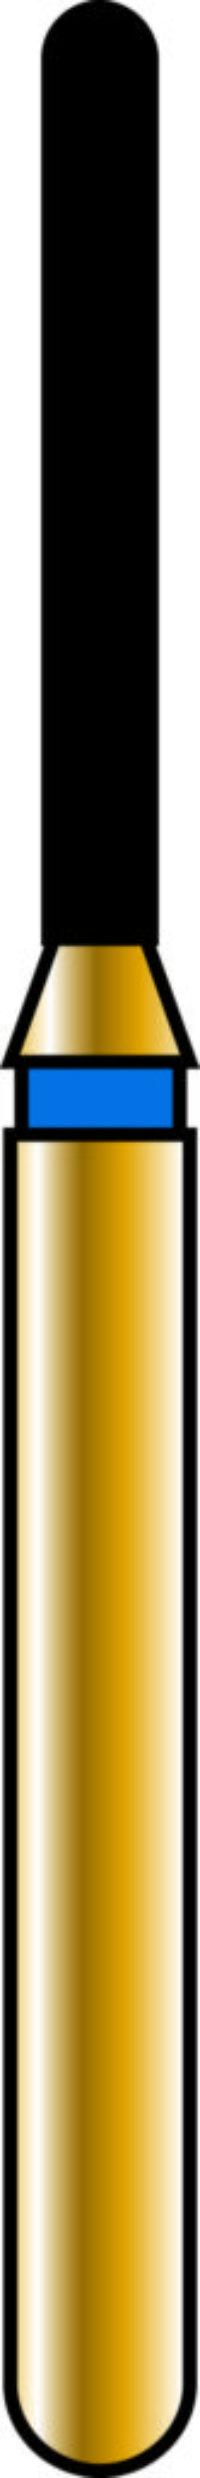 Round End Cylinder 10-8mm Gold Diamond Bur